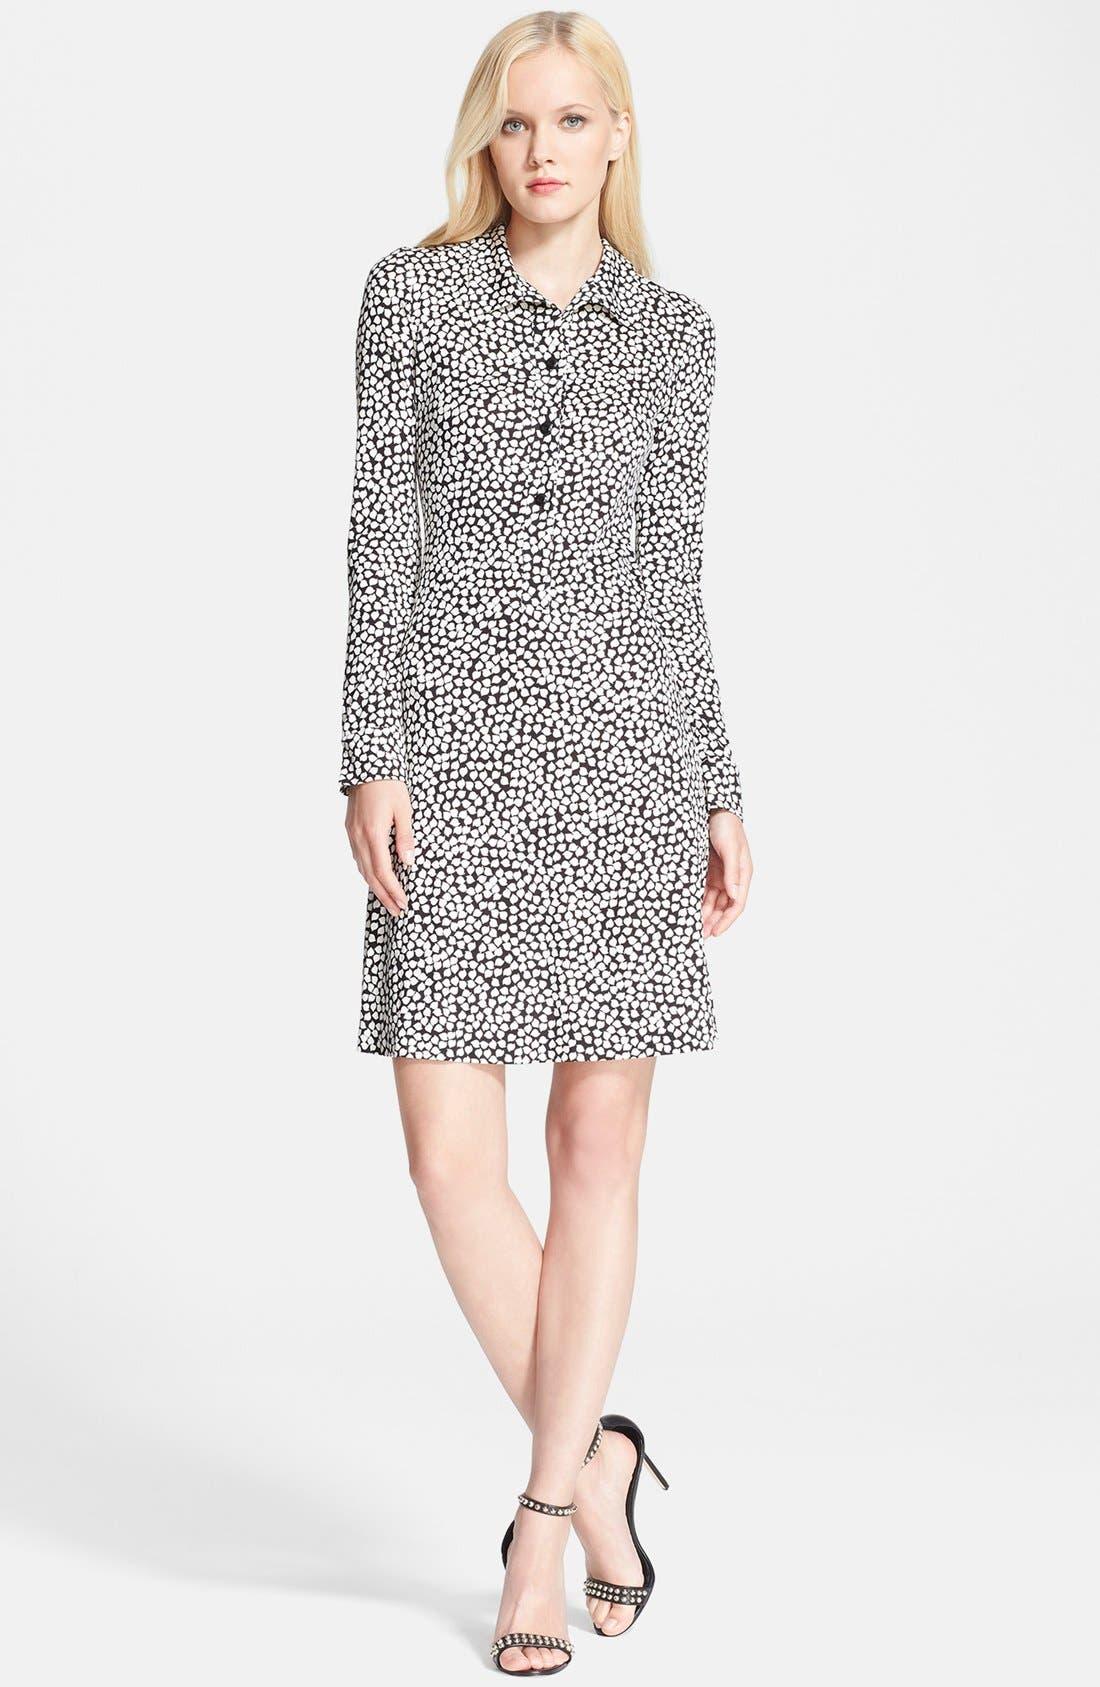 Alternate Image 1 Selected - Diane von Furstenberg 'Anna' Silk Shift Dress